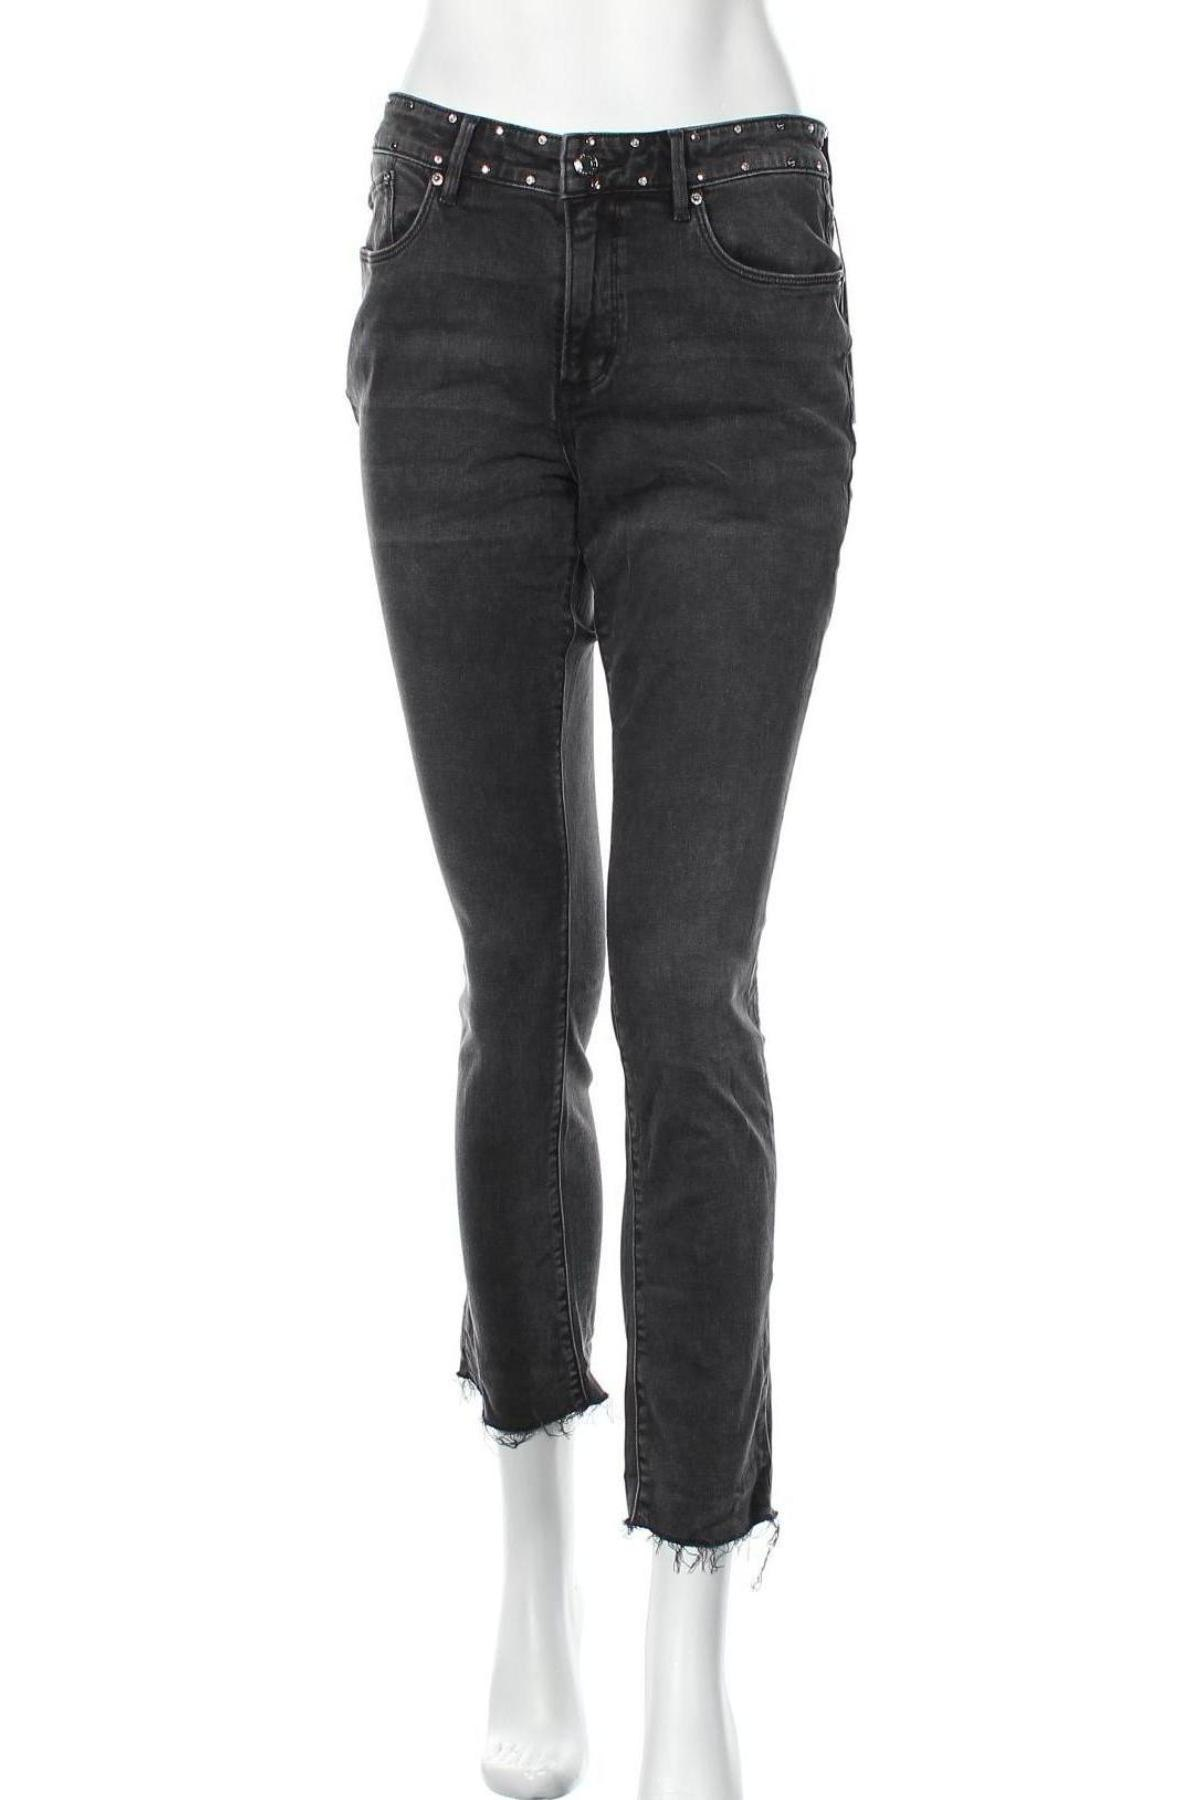 Дамски дънки S.Oliver, Размер M, Цвят Сив, 98% памук, 2% еластан, Цена 58,50лв.